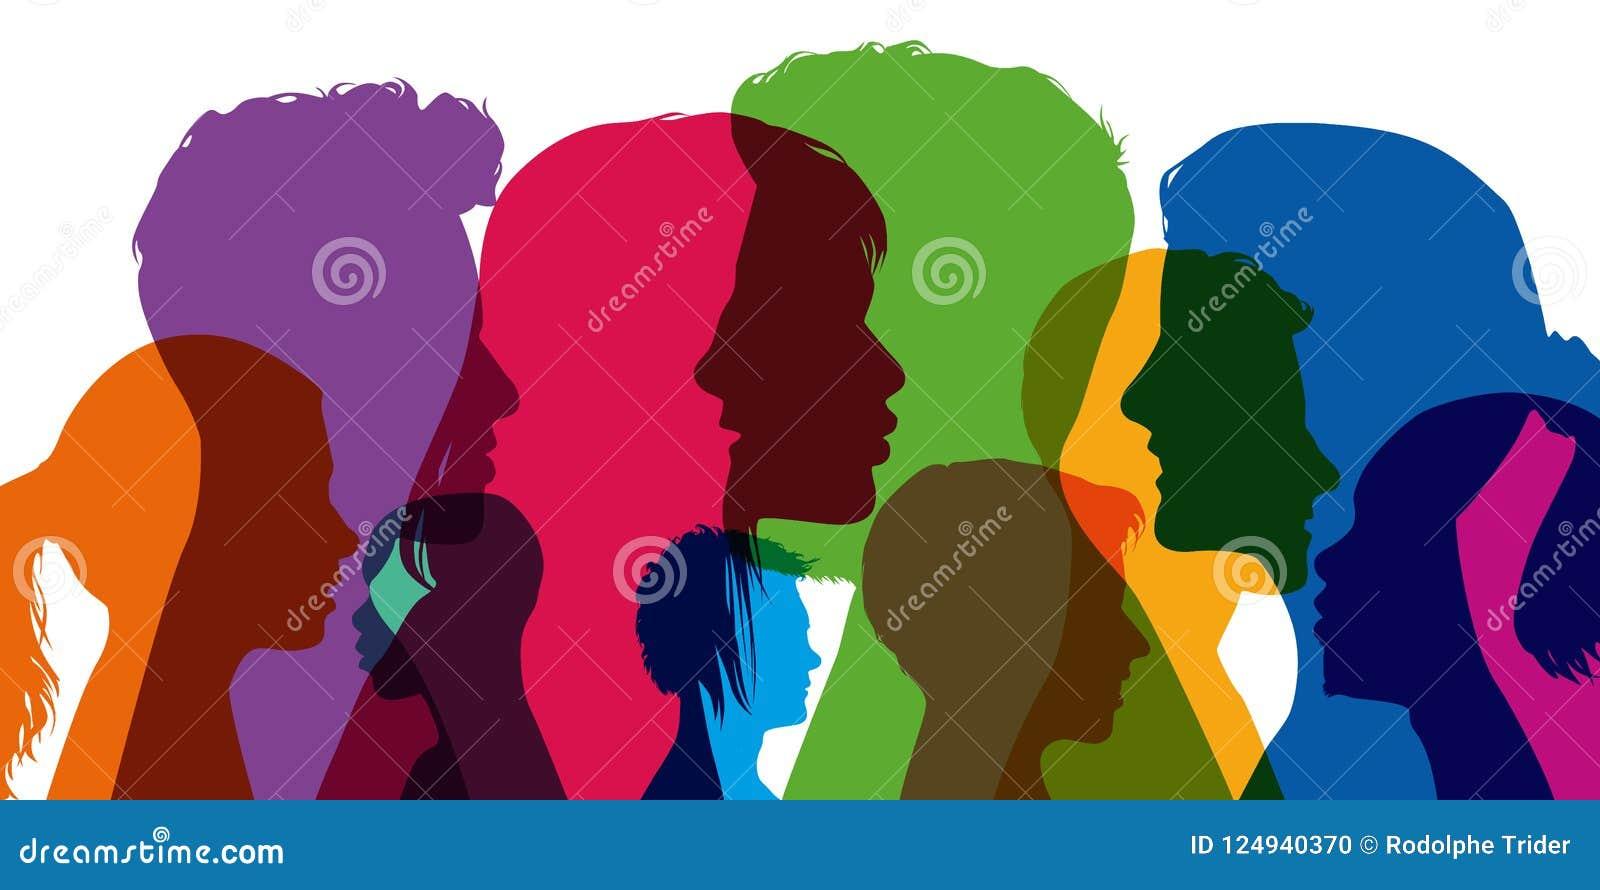 Conceito da diversidade, com as silhuetas nas cores; mostrando perfis diferentes de homens novos e de mulheres